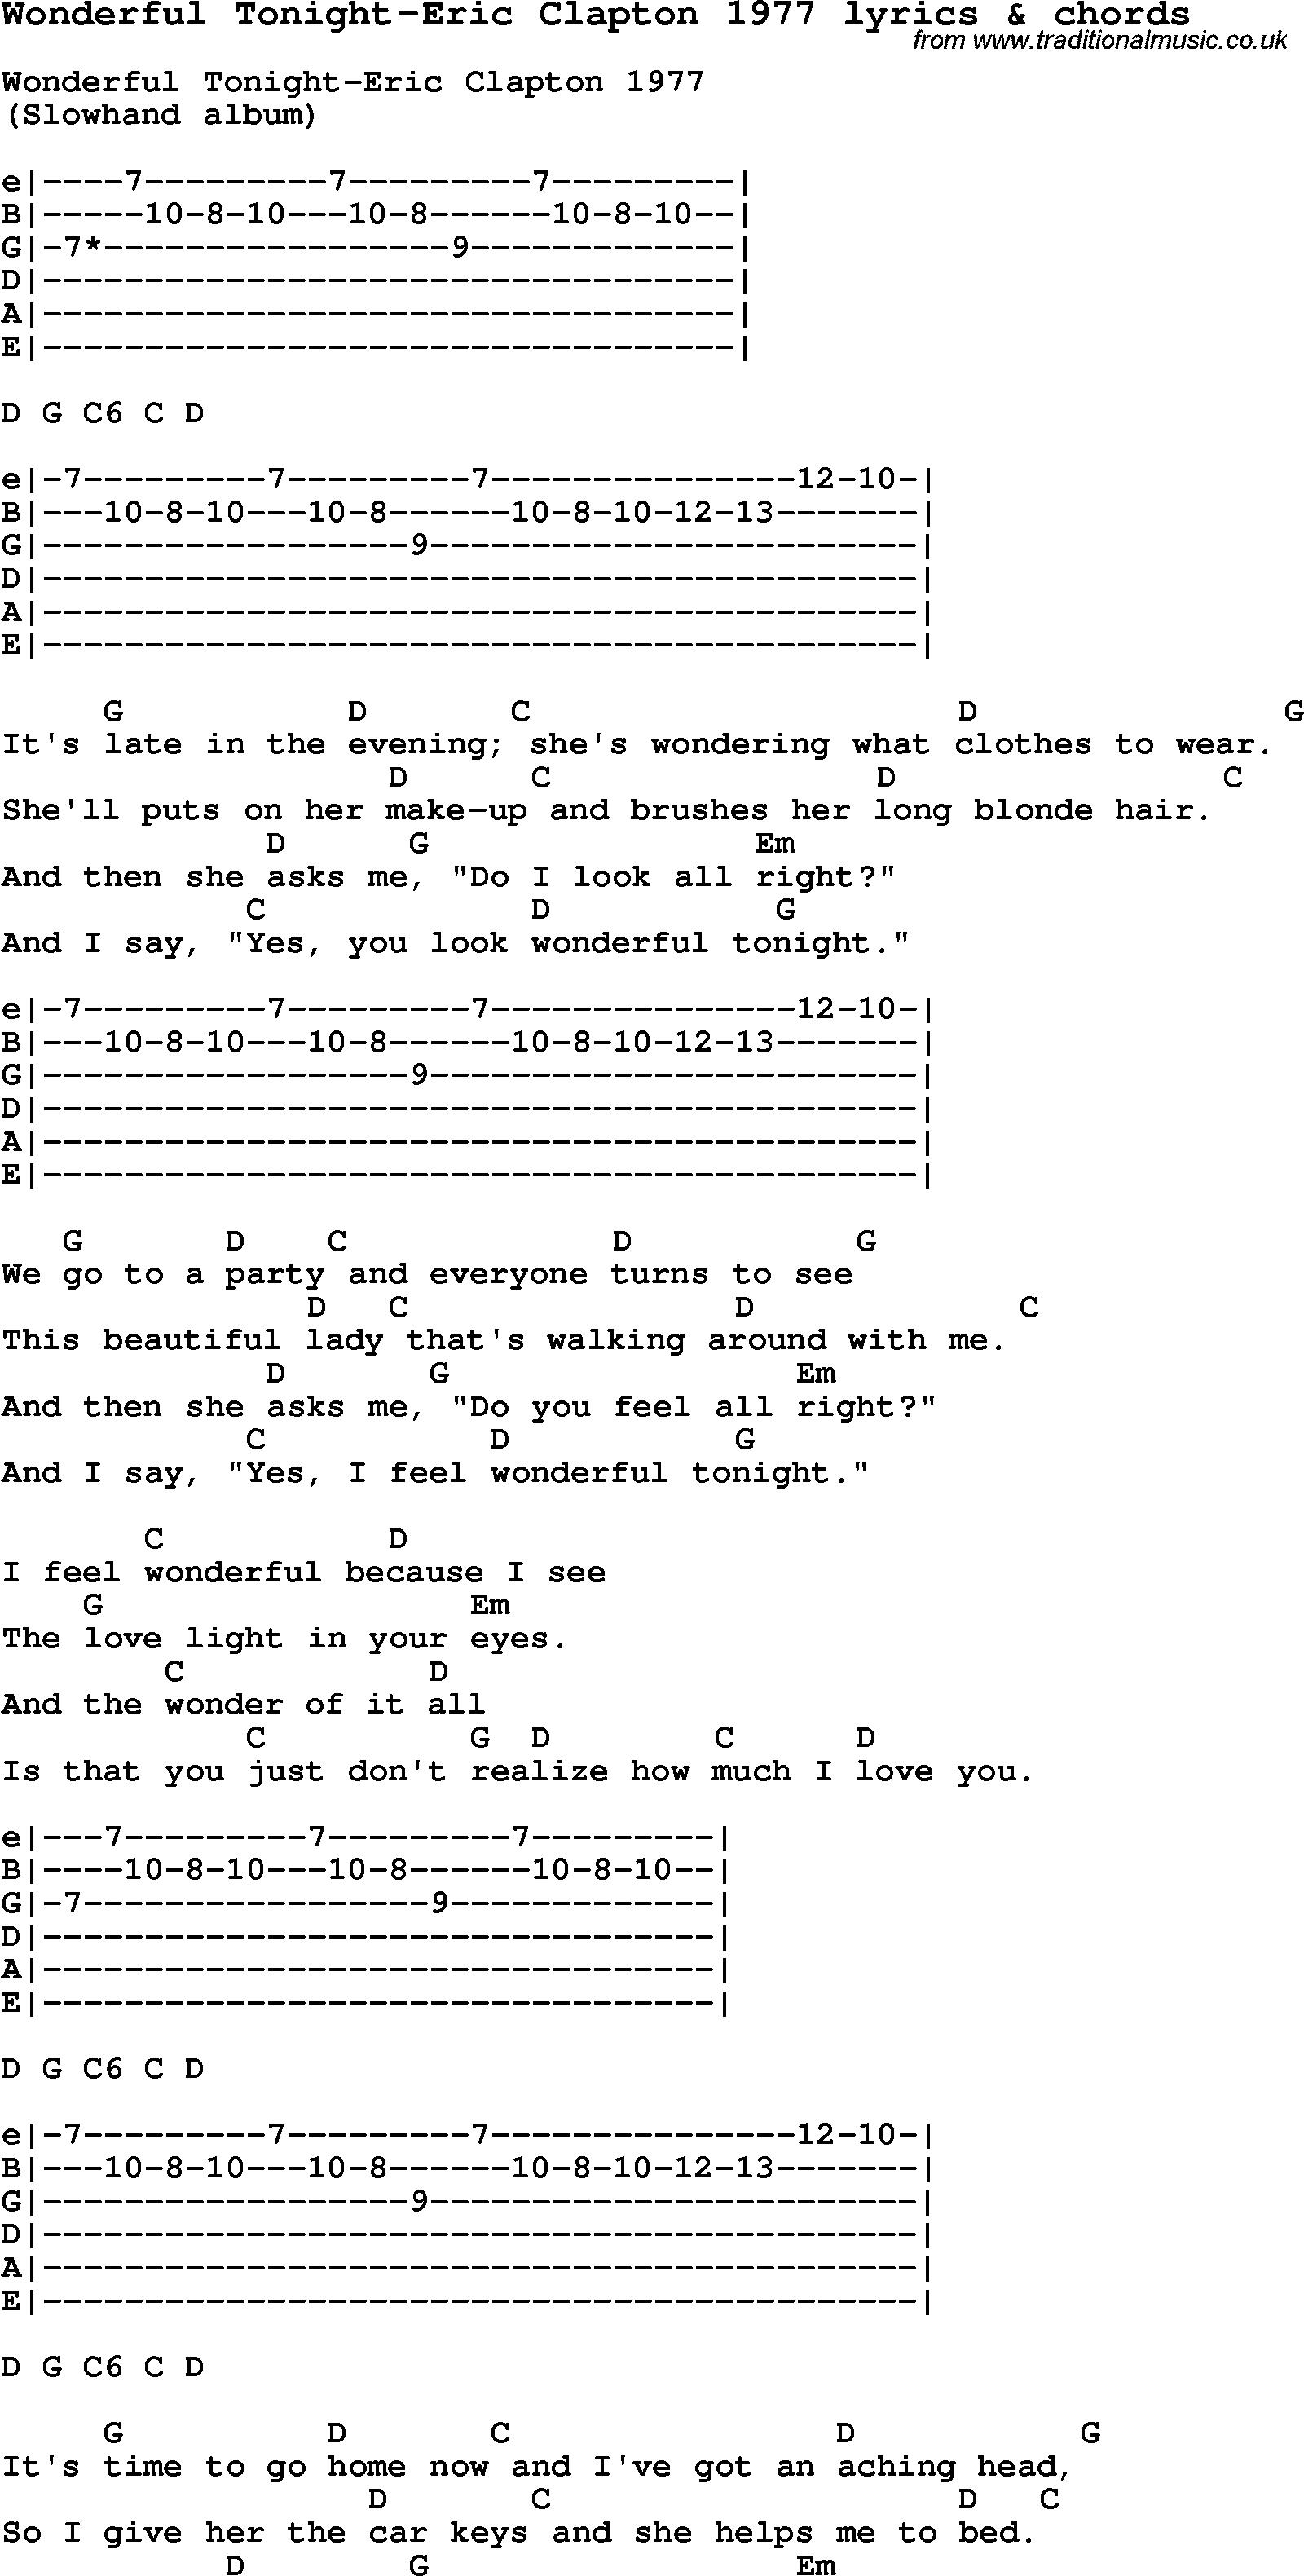 Love song lyrics for wonderful tonight eric clapton 1977 with love song lyrics for wonderful tonight eric clapton 1977 with chords for ukulele hexwebz Choice Image